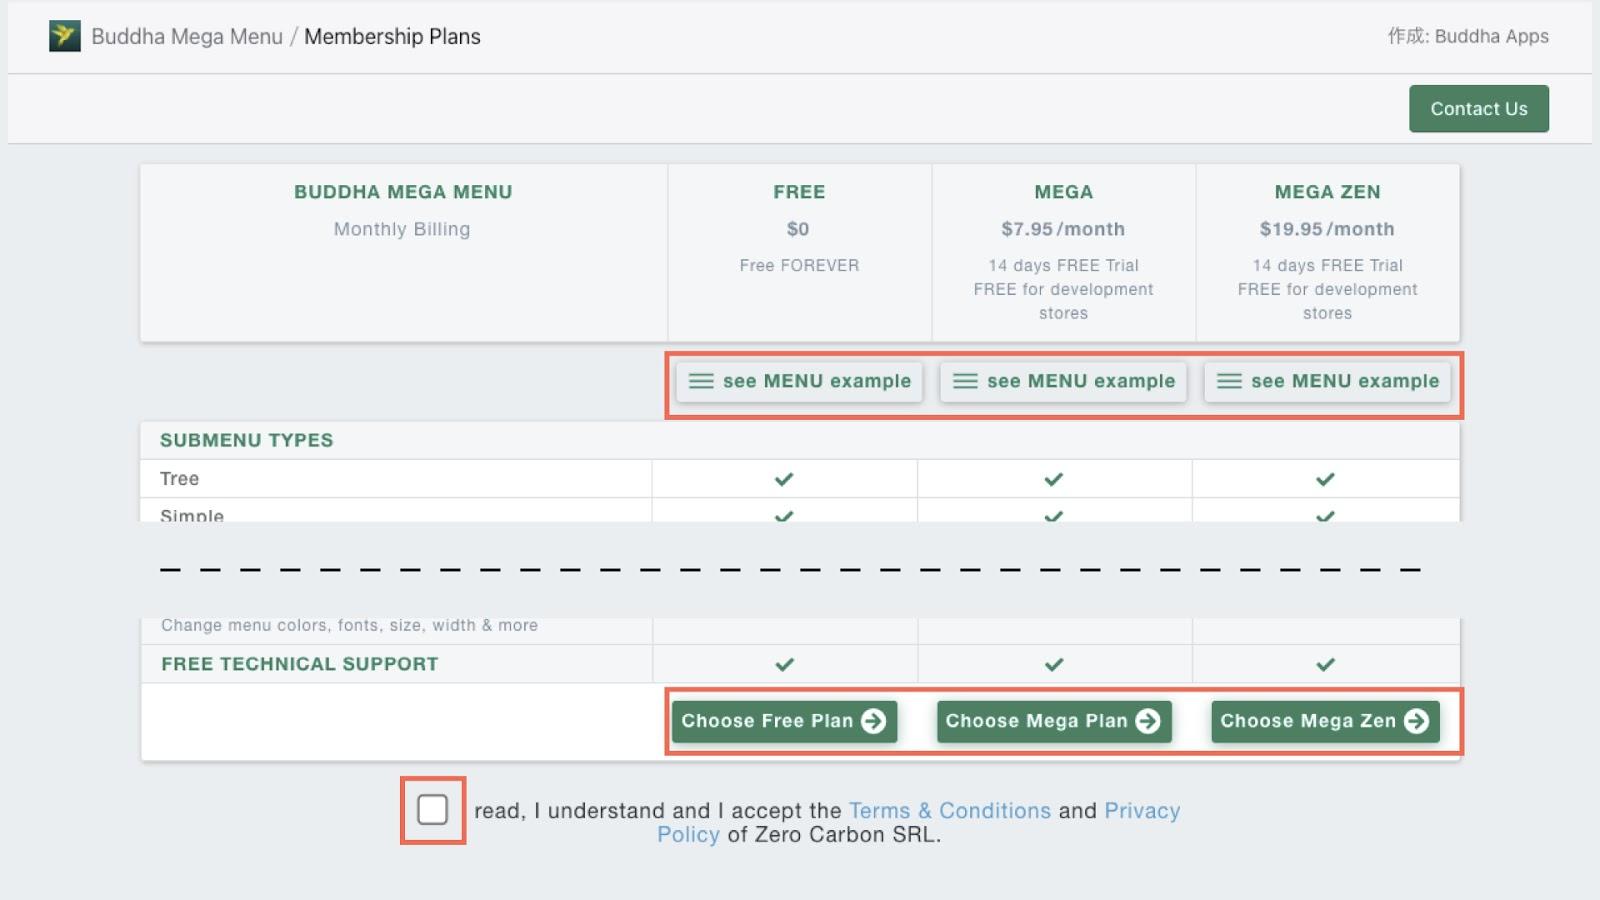 インストールが完了したら、プランを選択します。画面上部にある「see MENU example」から各プランのサンプルサイトを確認することができます。画面を下にスクロールし、利用規約にチェックを入れてプランを選択します。